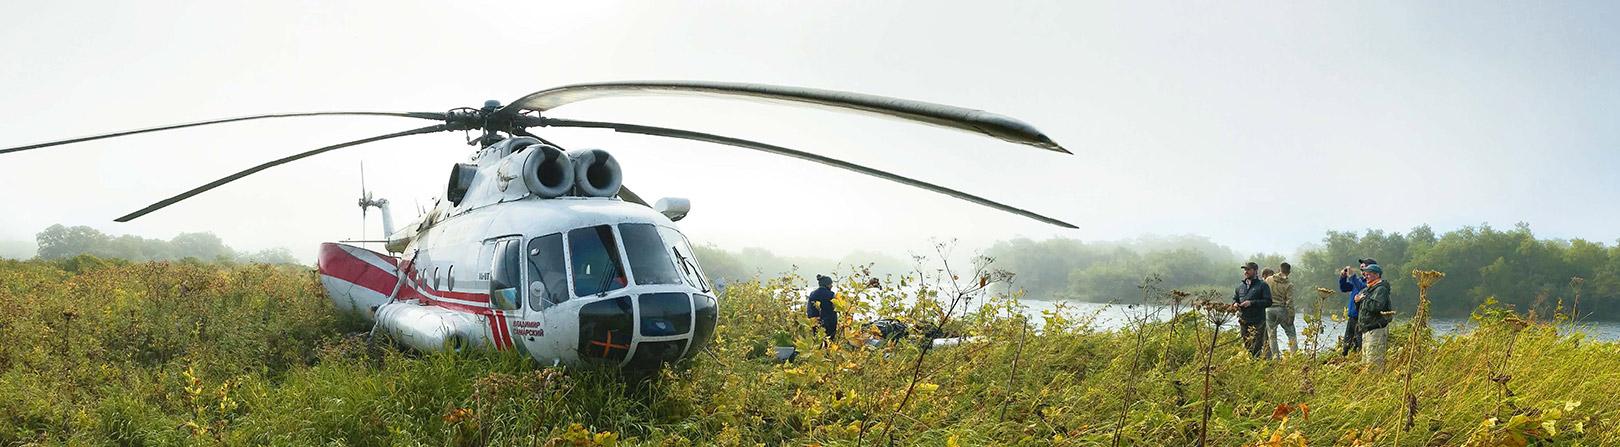 Vores MI 8 helikopter lander ved Opala River, og det hårde slid med at få alt gearet ud kan begynde.